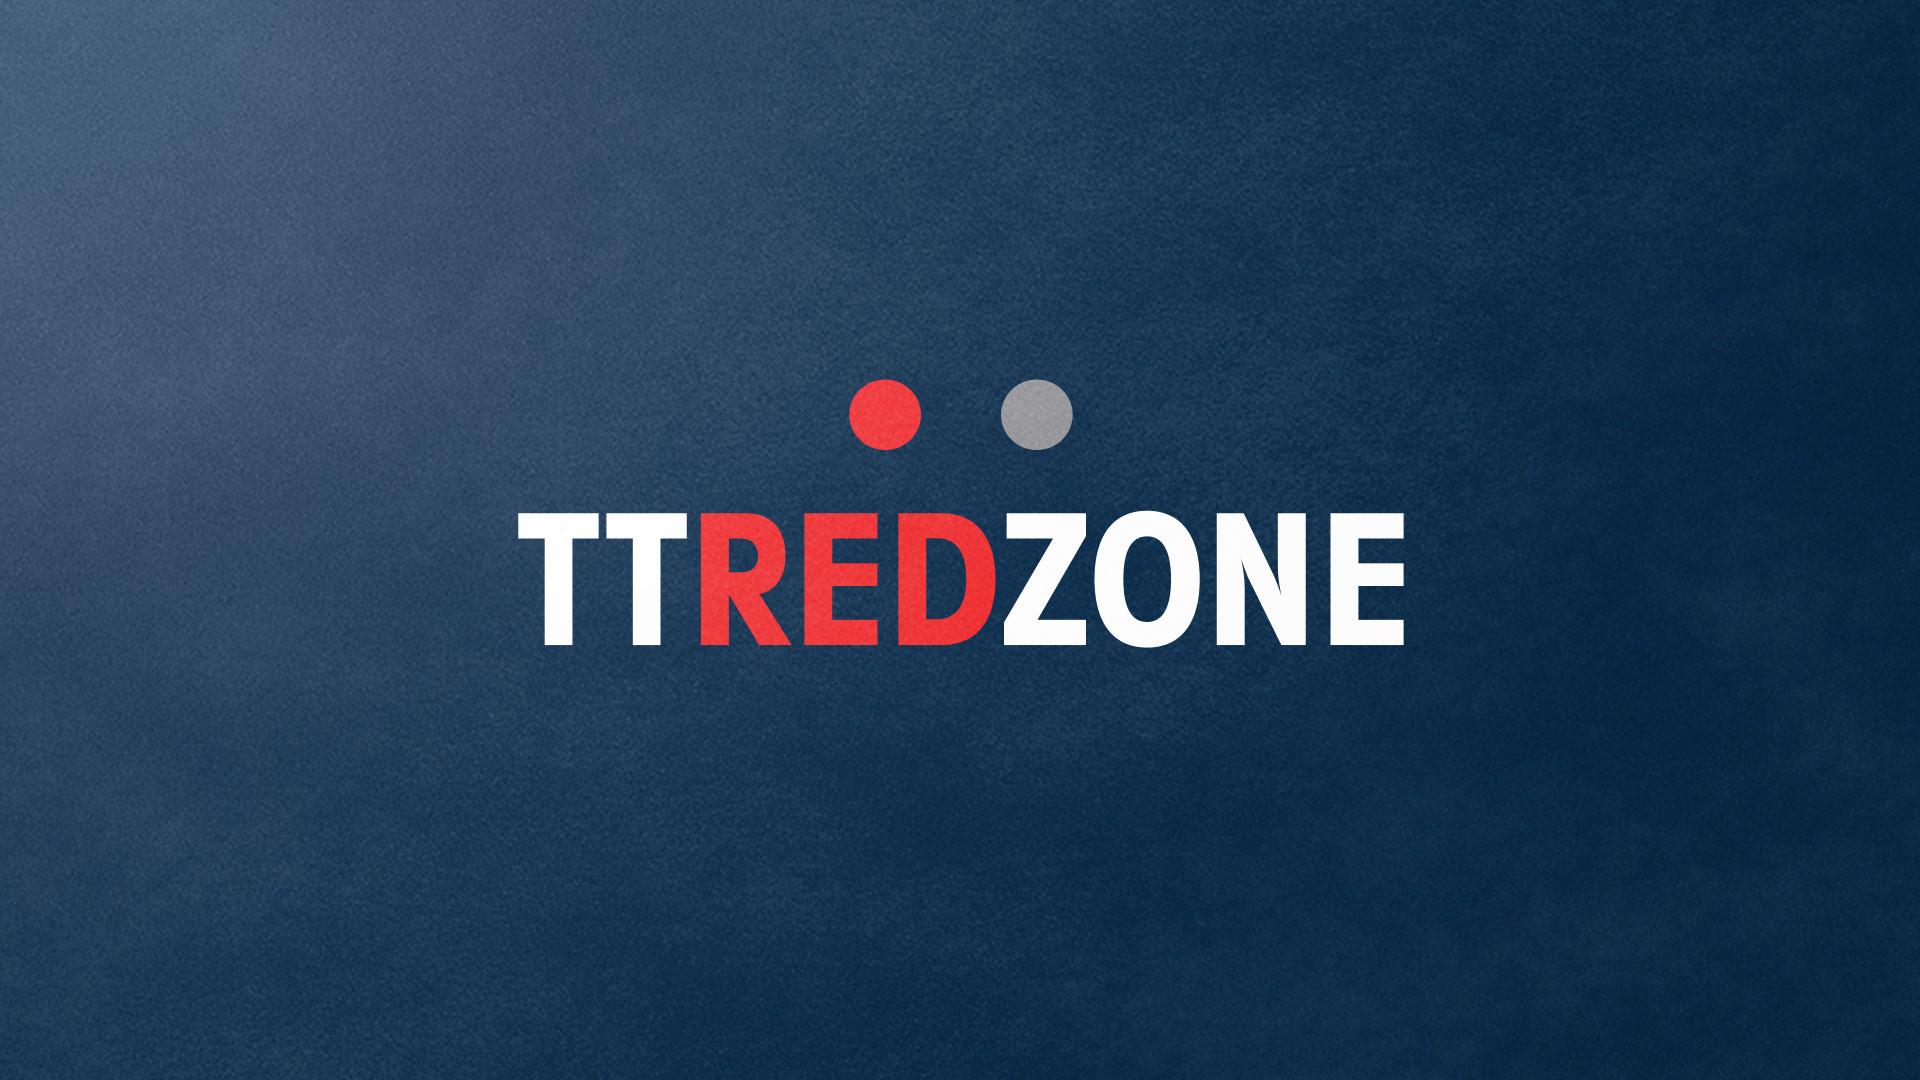 TT RED ZONE